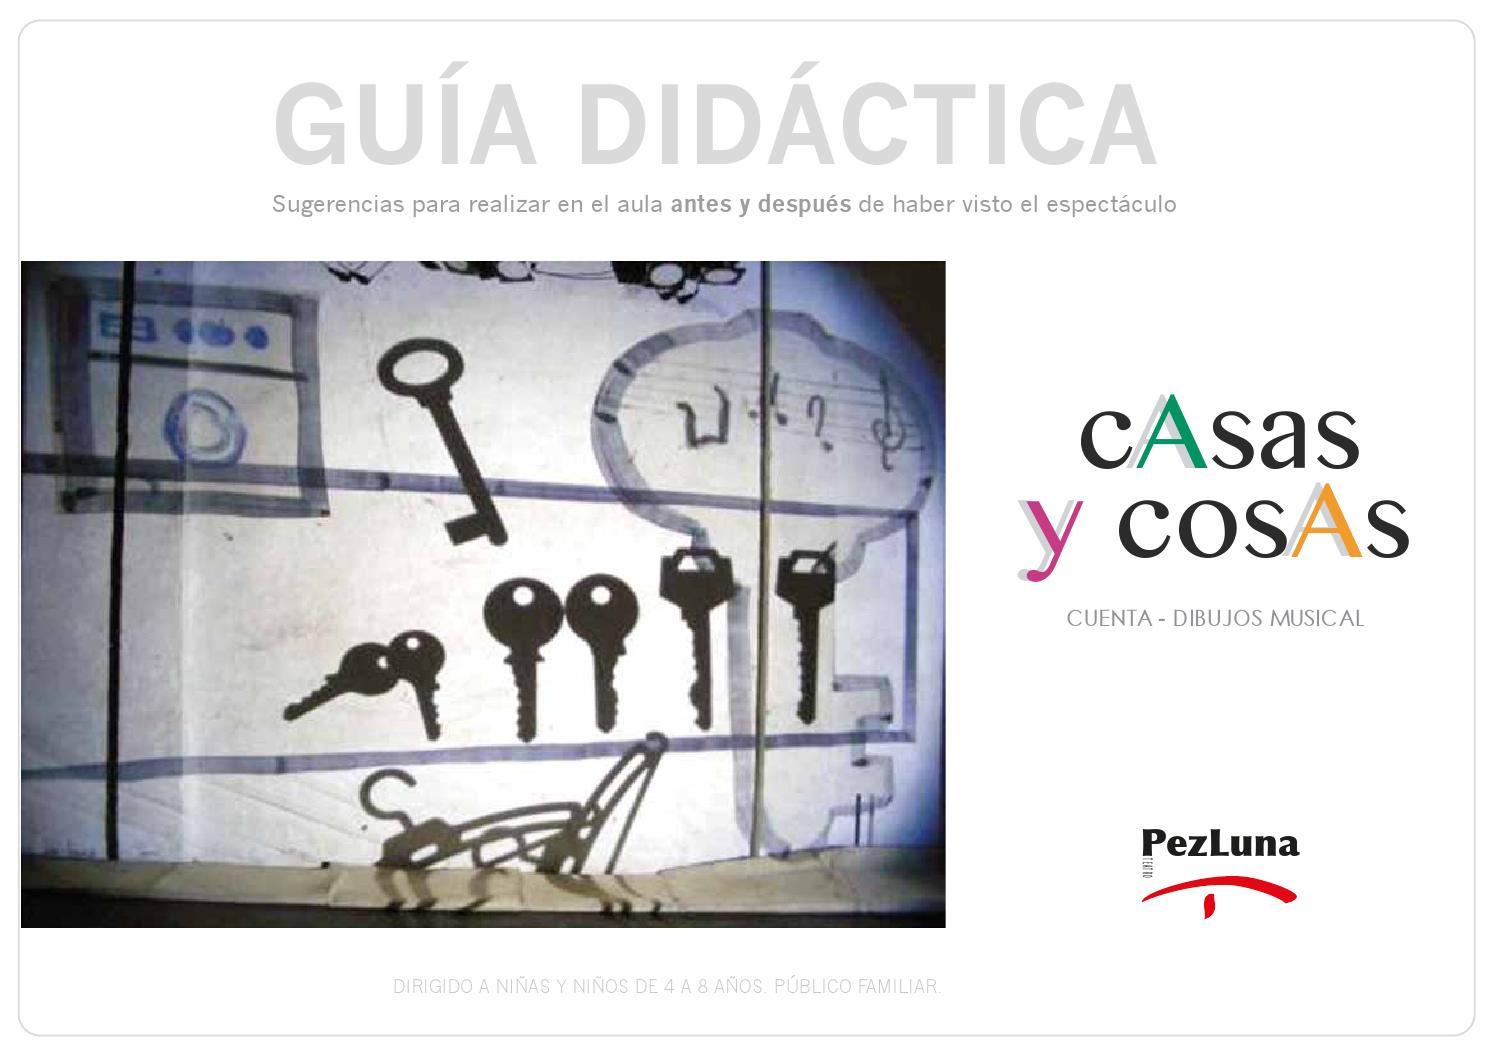 Gu a did ctica casas y cosas pez luna teatro by desde la for Casas y cosas